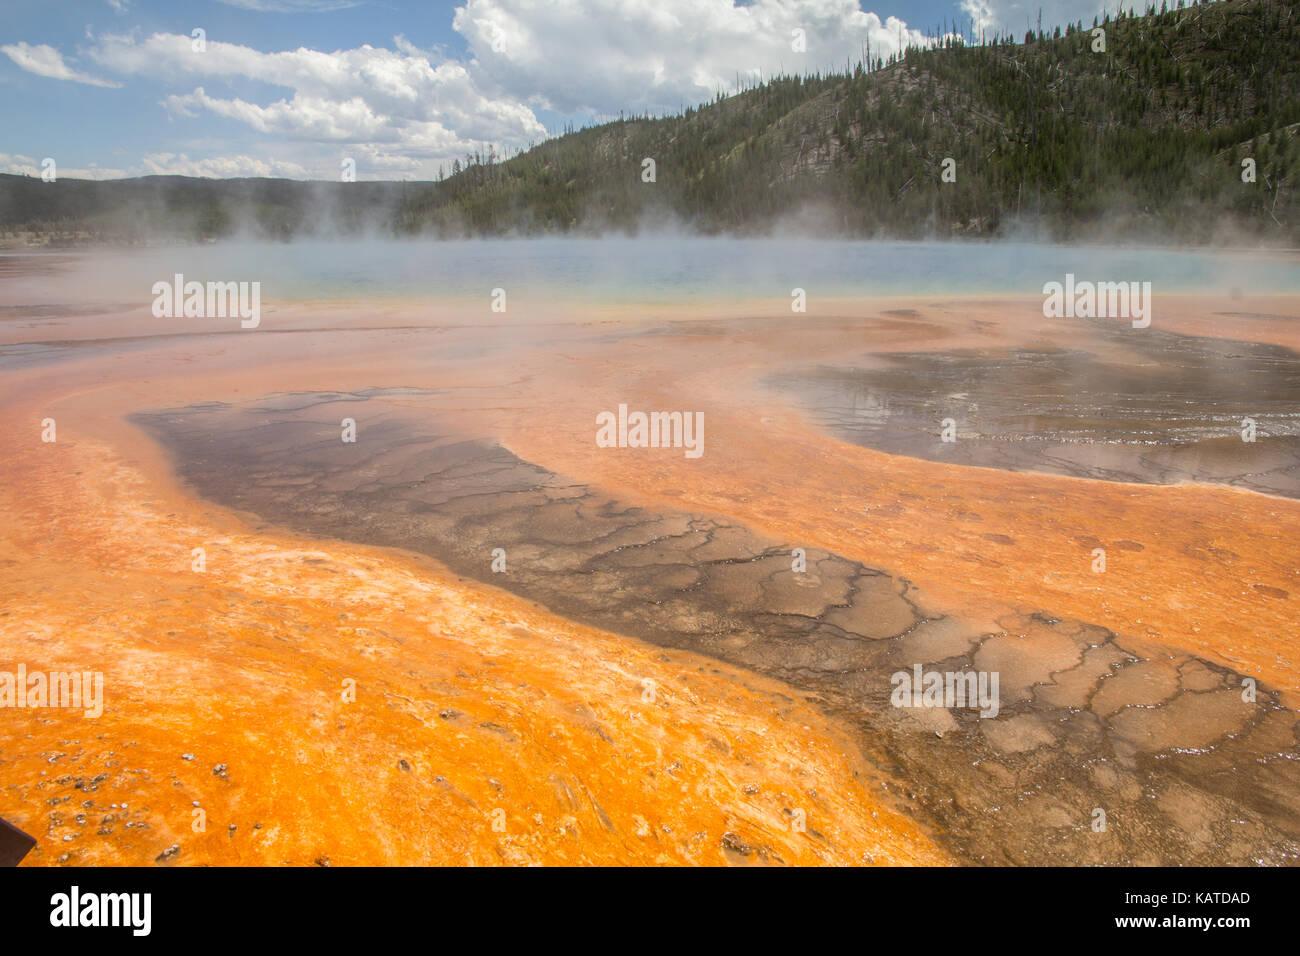 El agua caliente se ejecuta fuera de Grand Prismatic Spring, el parque nacional Yellowstone, Wyoming, Estados Unidos. Foto de stock